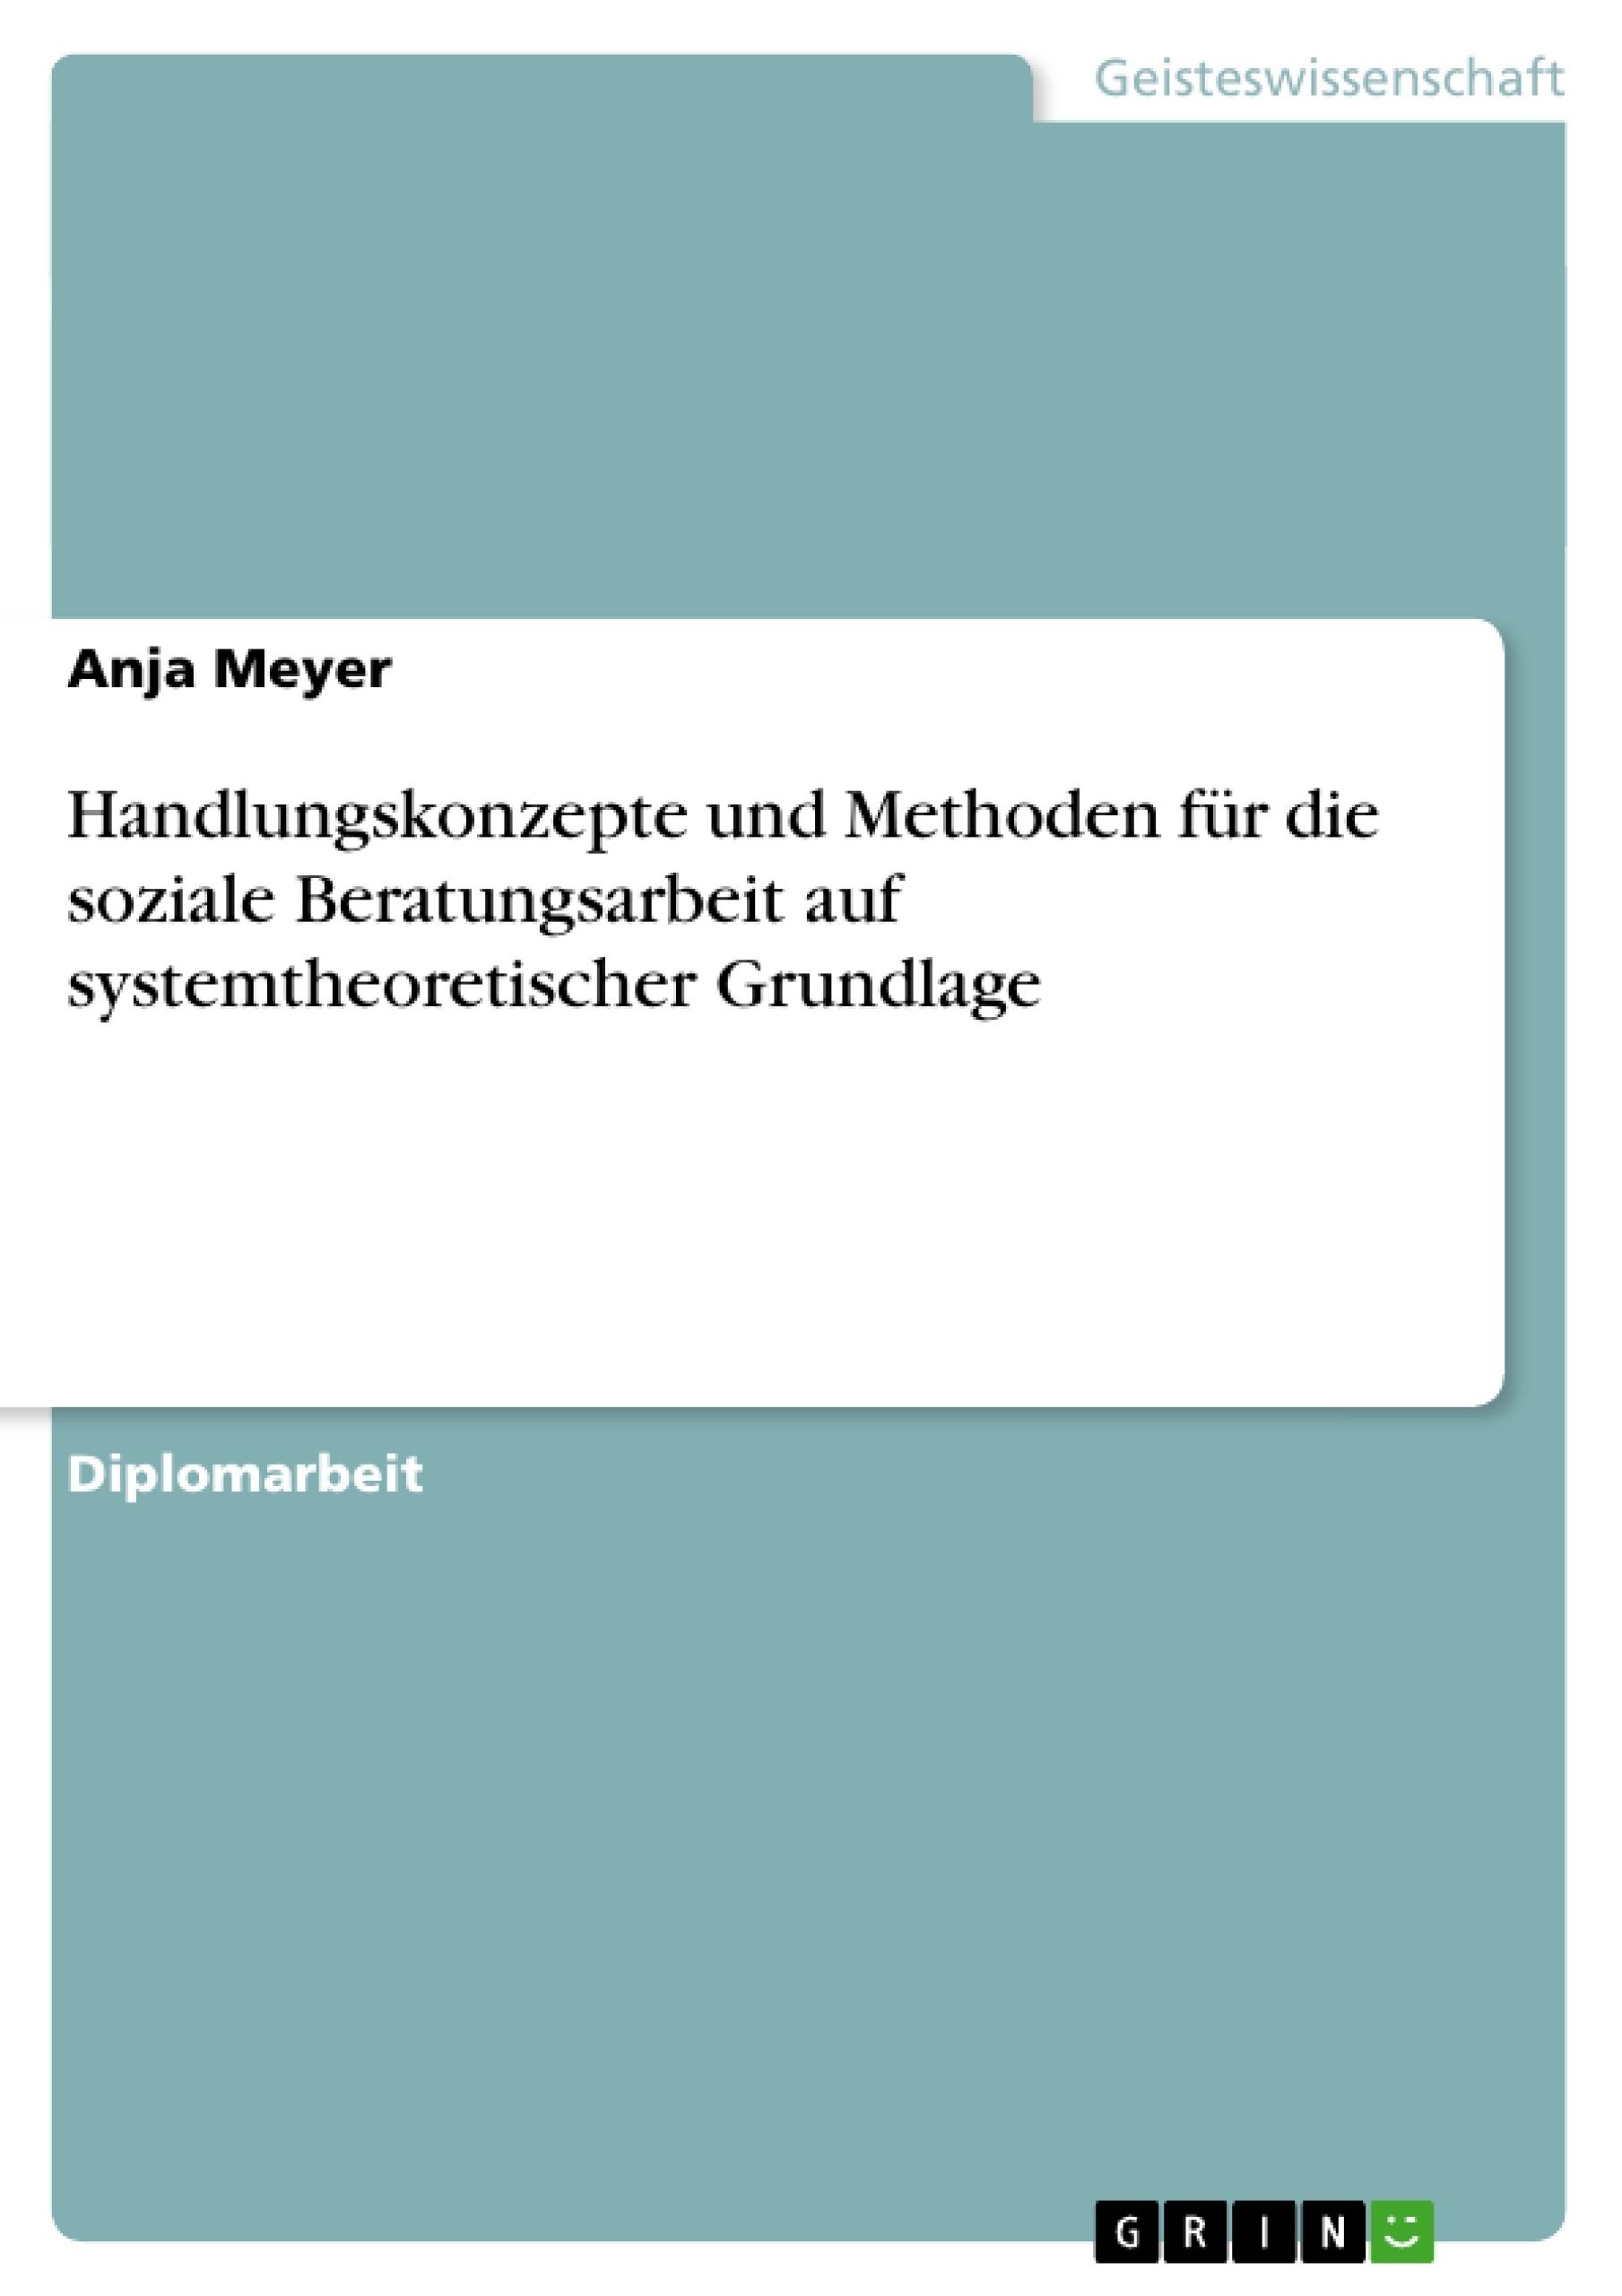 Titel: Handlungskonzepte und Methoden für die soziale Beratungsarbeit auf systemtheoretischer Grundlage